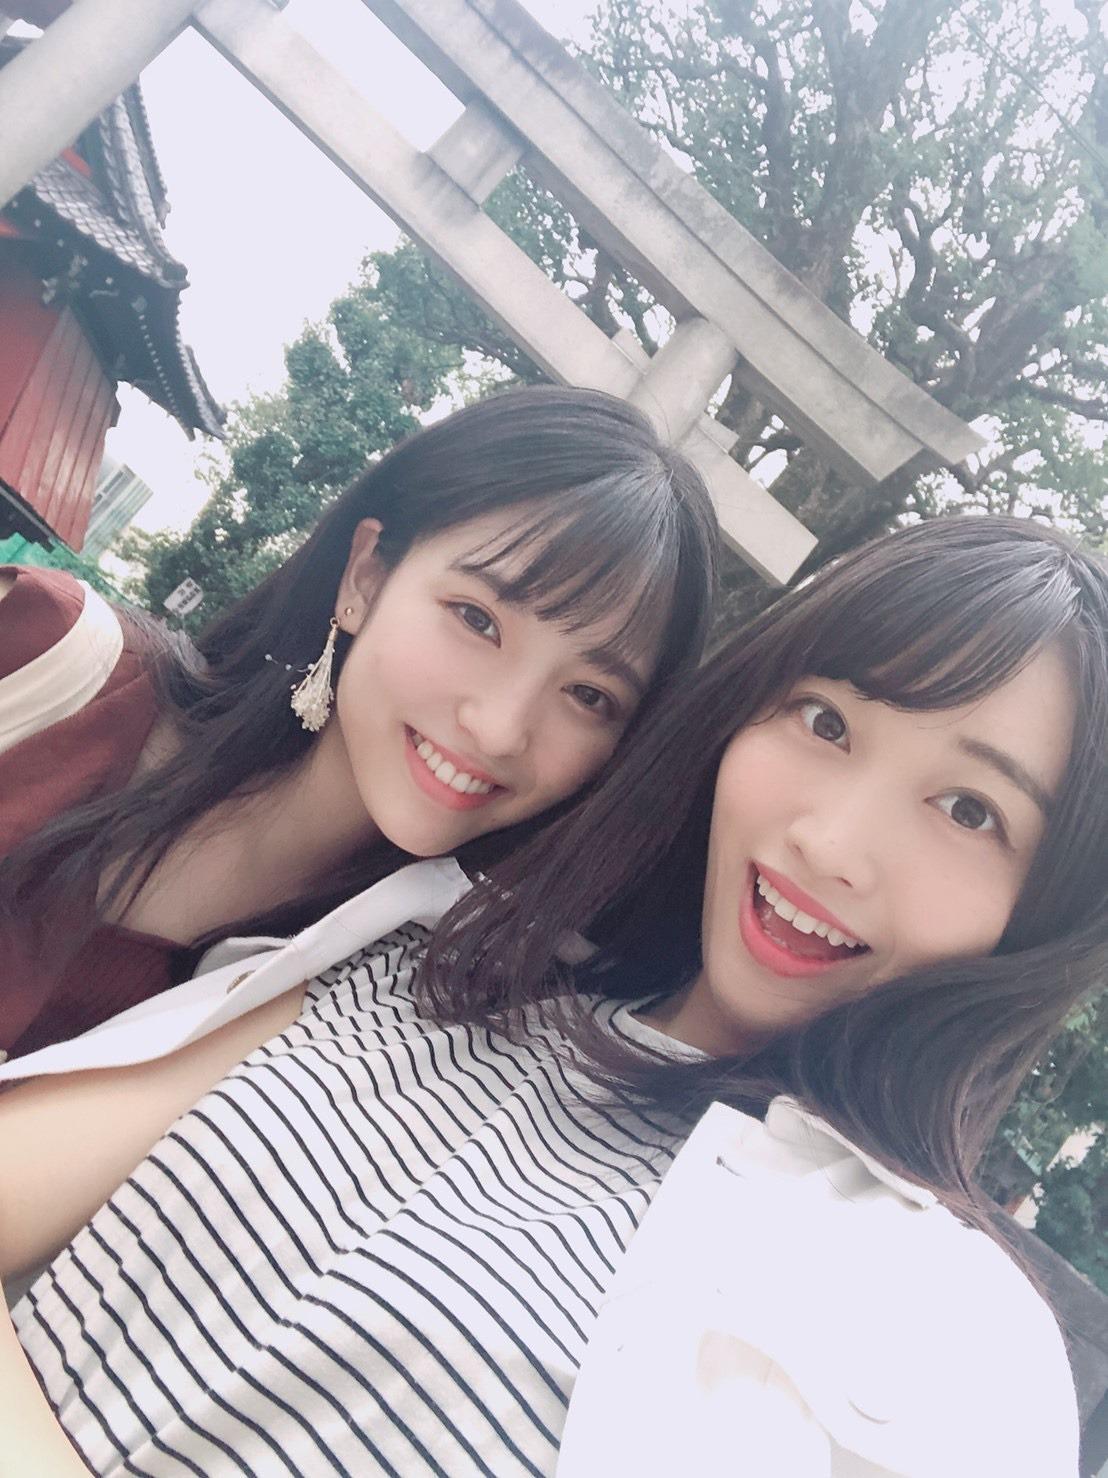 氷川神社2 早川聖来 武田莉奈